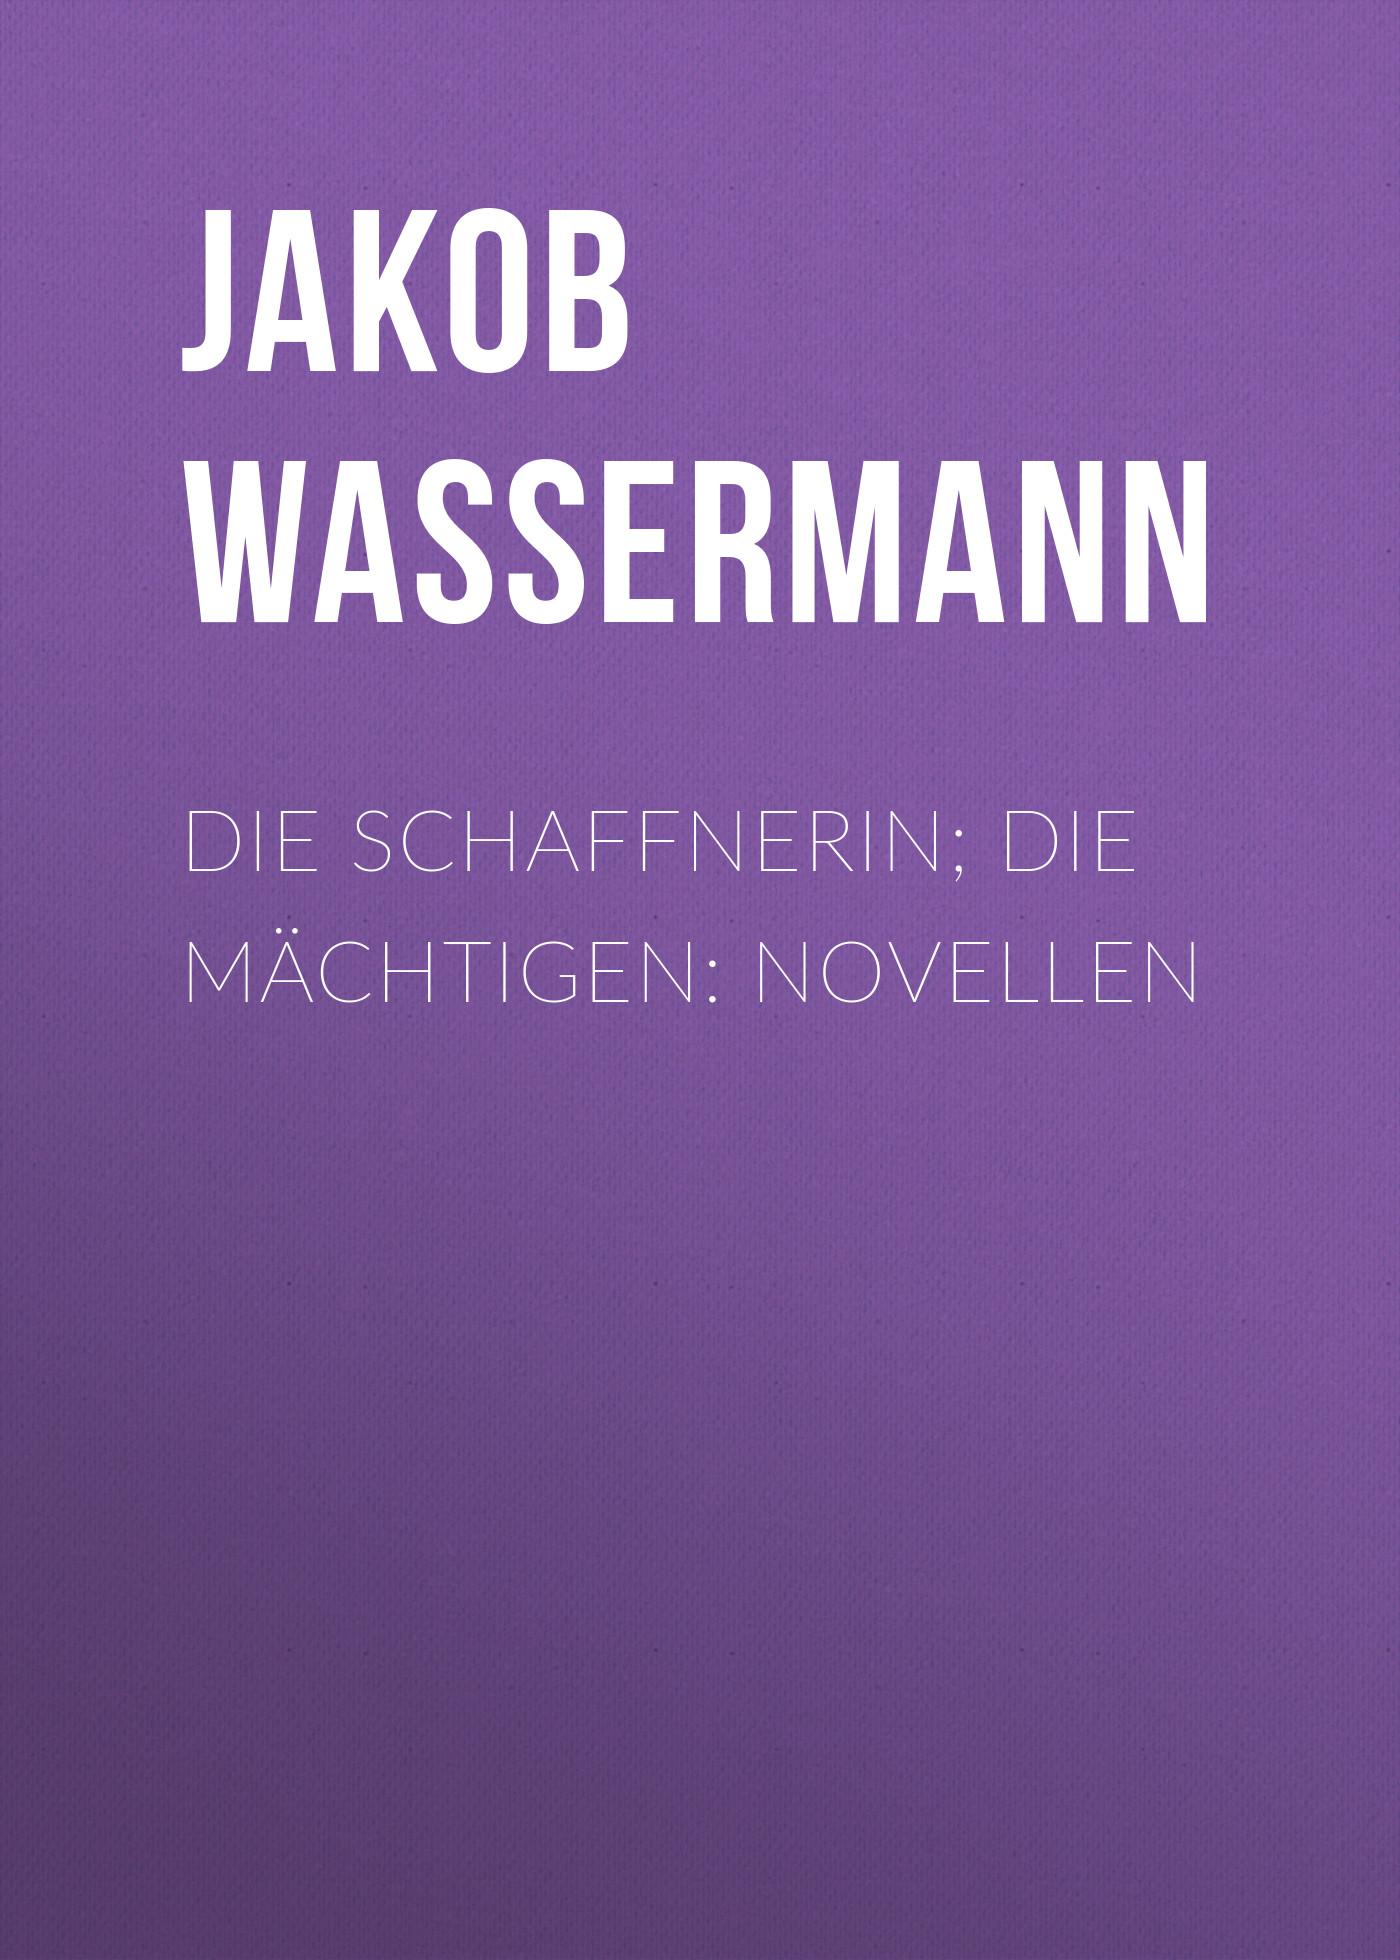 Jakob Wassermann Die Schaffnerin; Die Mächtigen: Novellen die regentrude